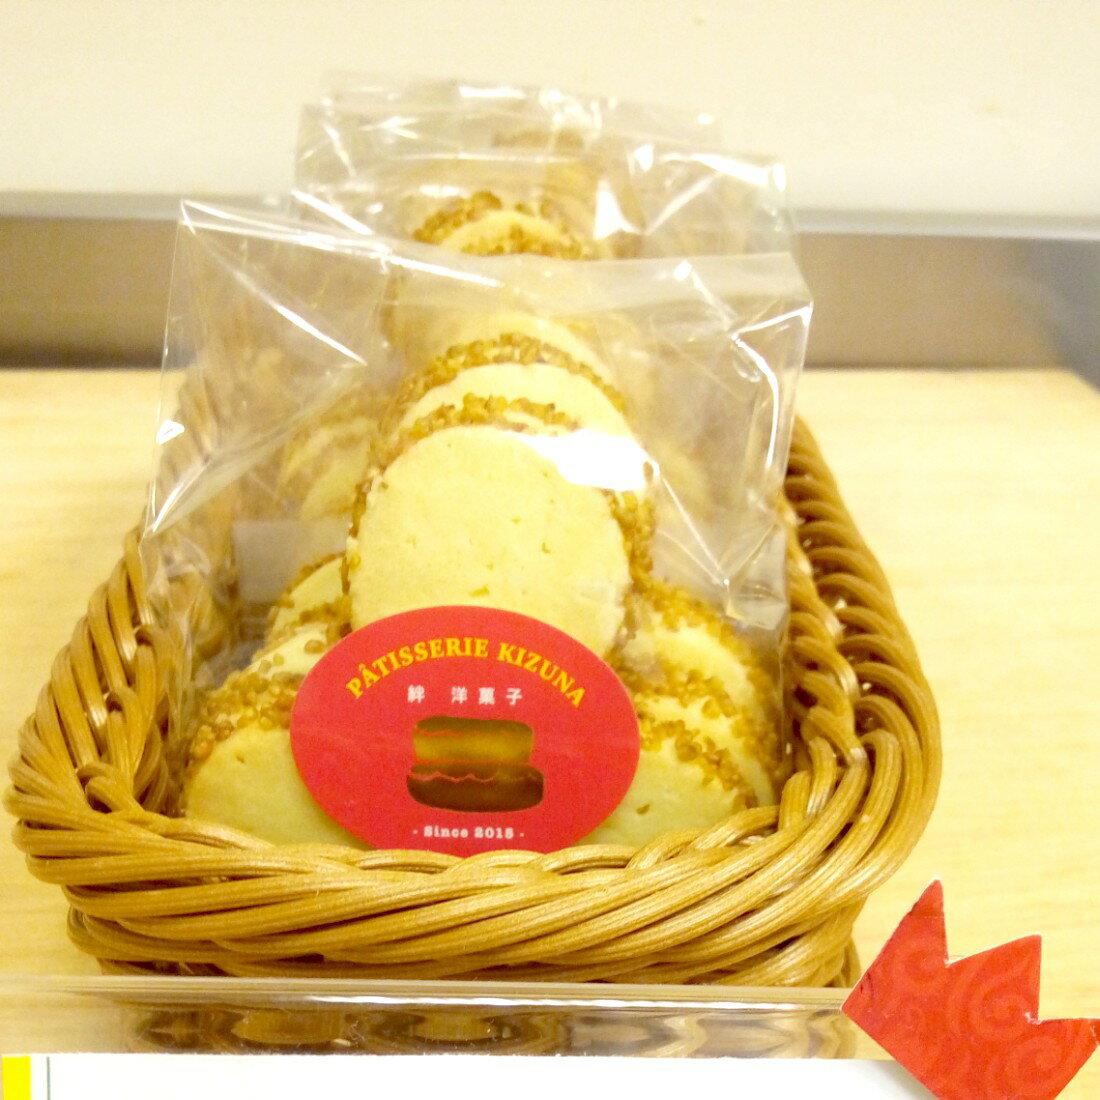 超值商品/日本韃靼蕎?手工餅乾/日本製粉鑽石低筋麵粉/法國無鹽發酵奶油/20包享優惠價